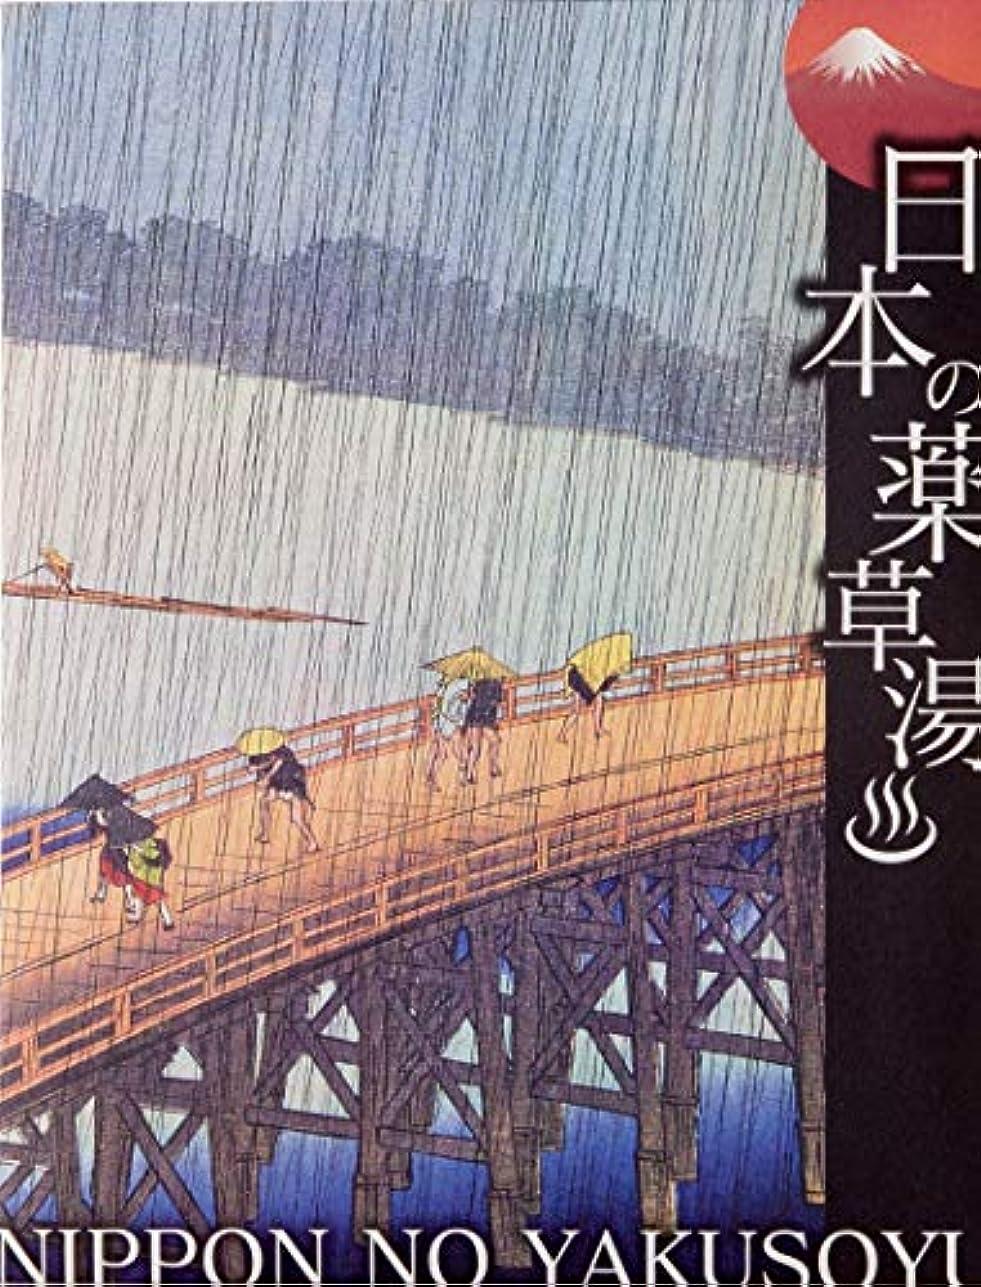 もろいシロナガスクジラ札入れ日本の薬草湯 大はしあたけの夕立